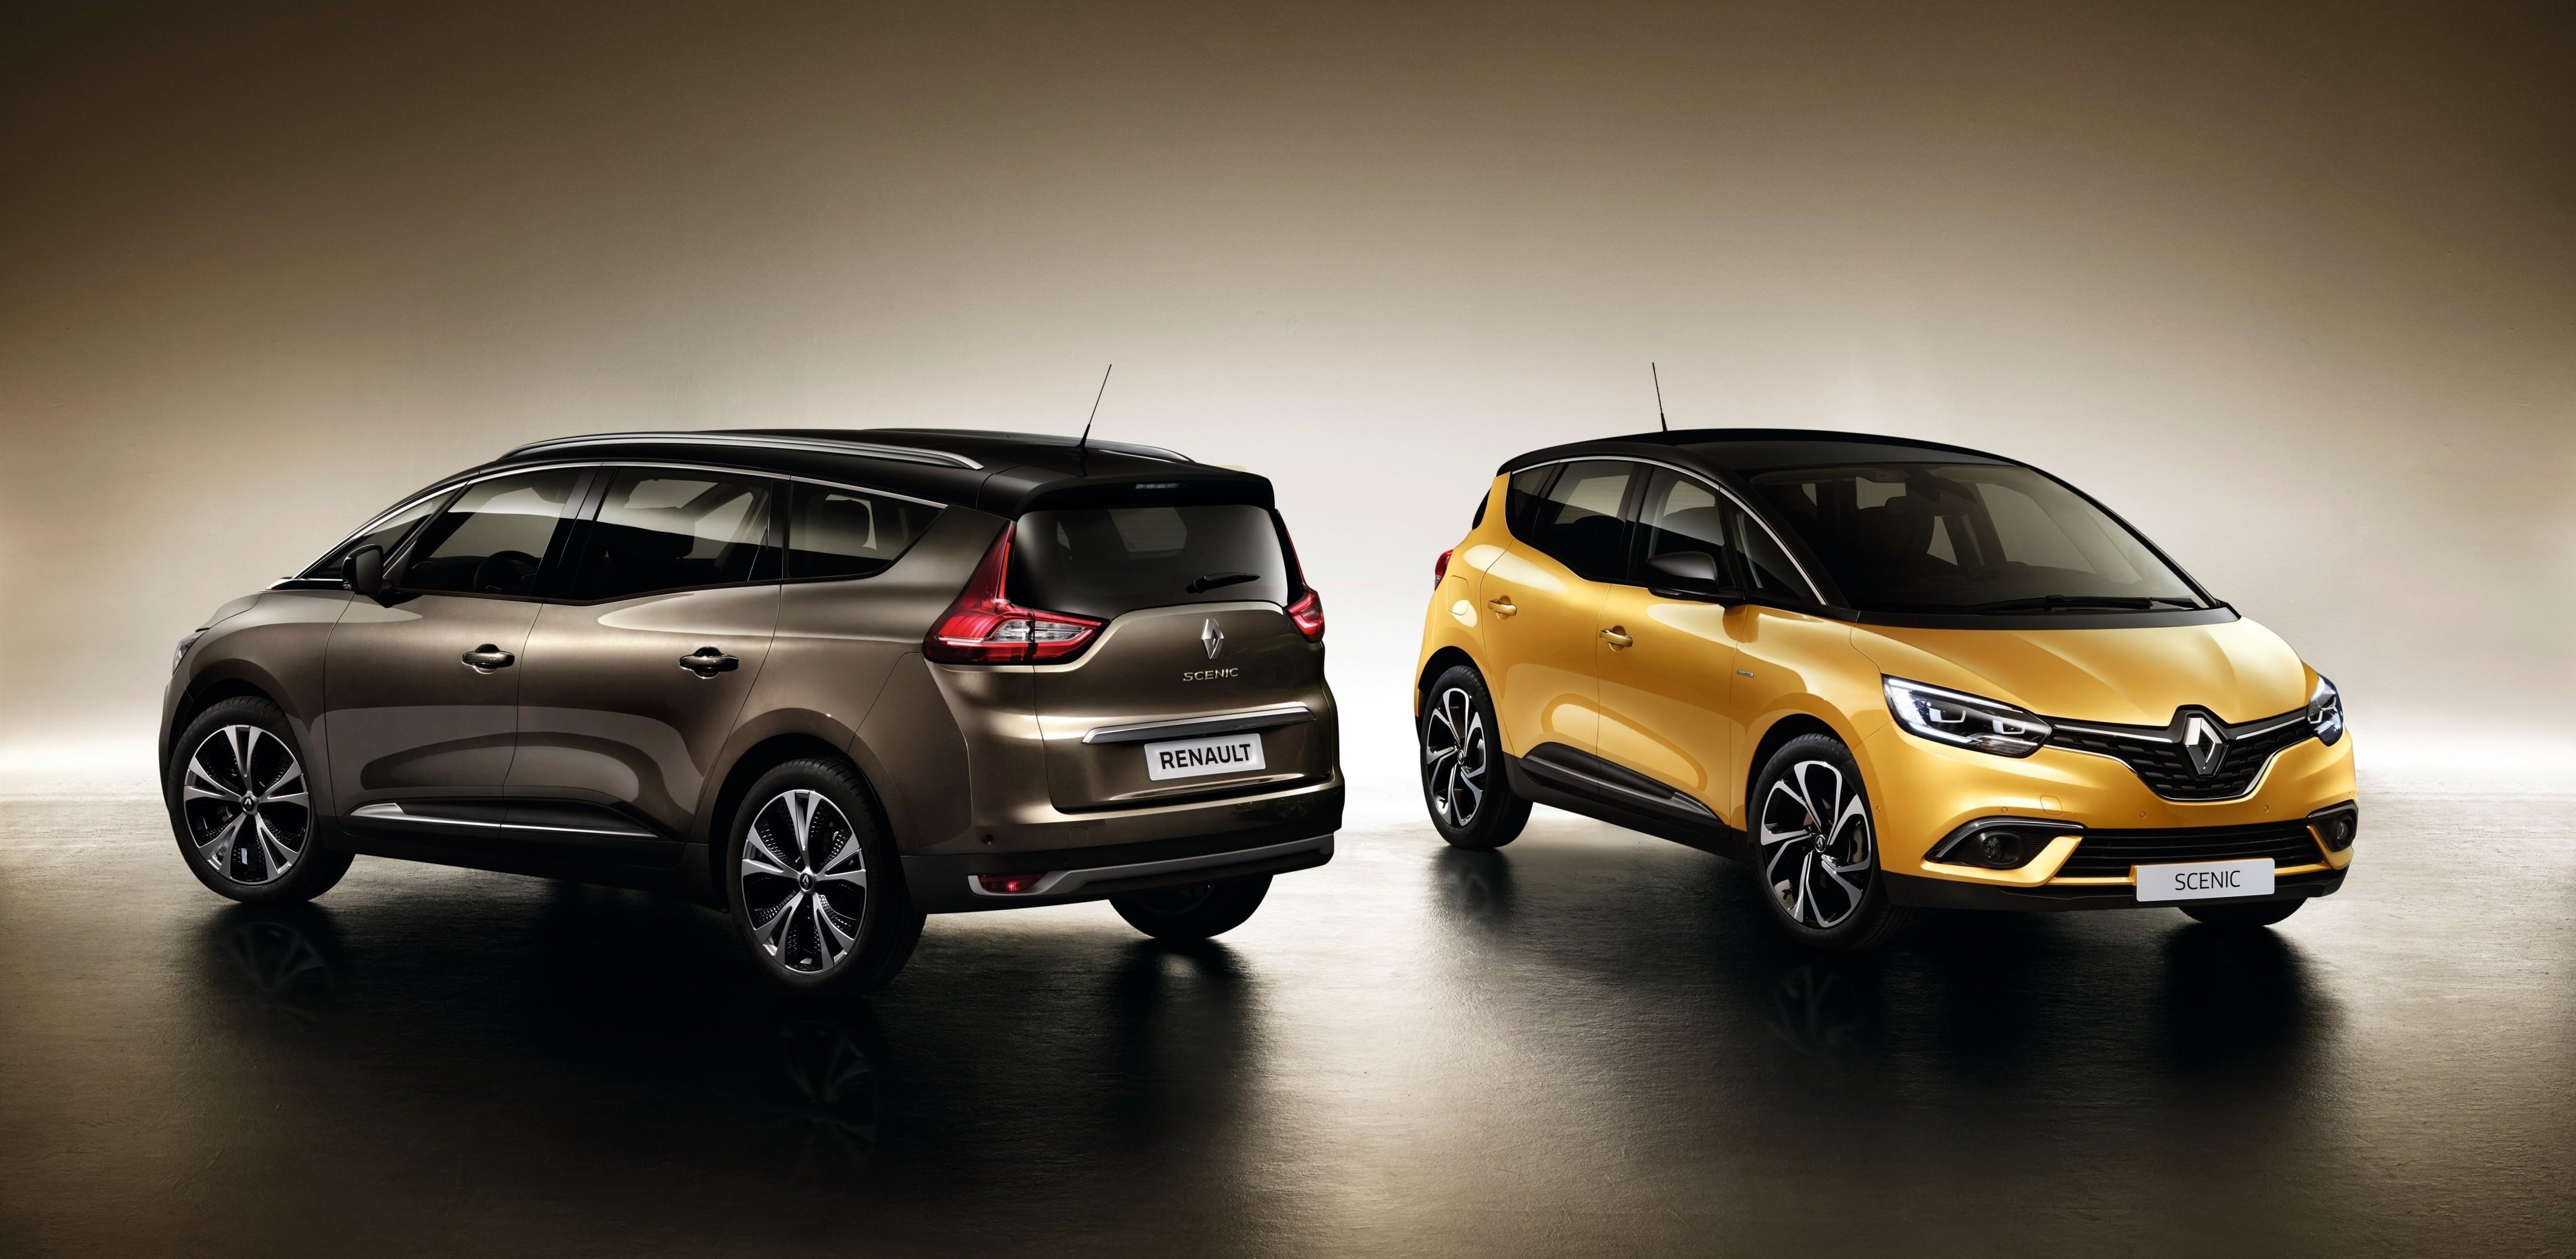 Renault_78425_global_en